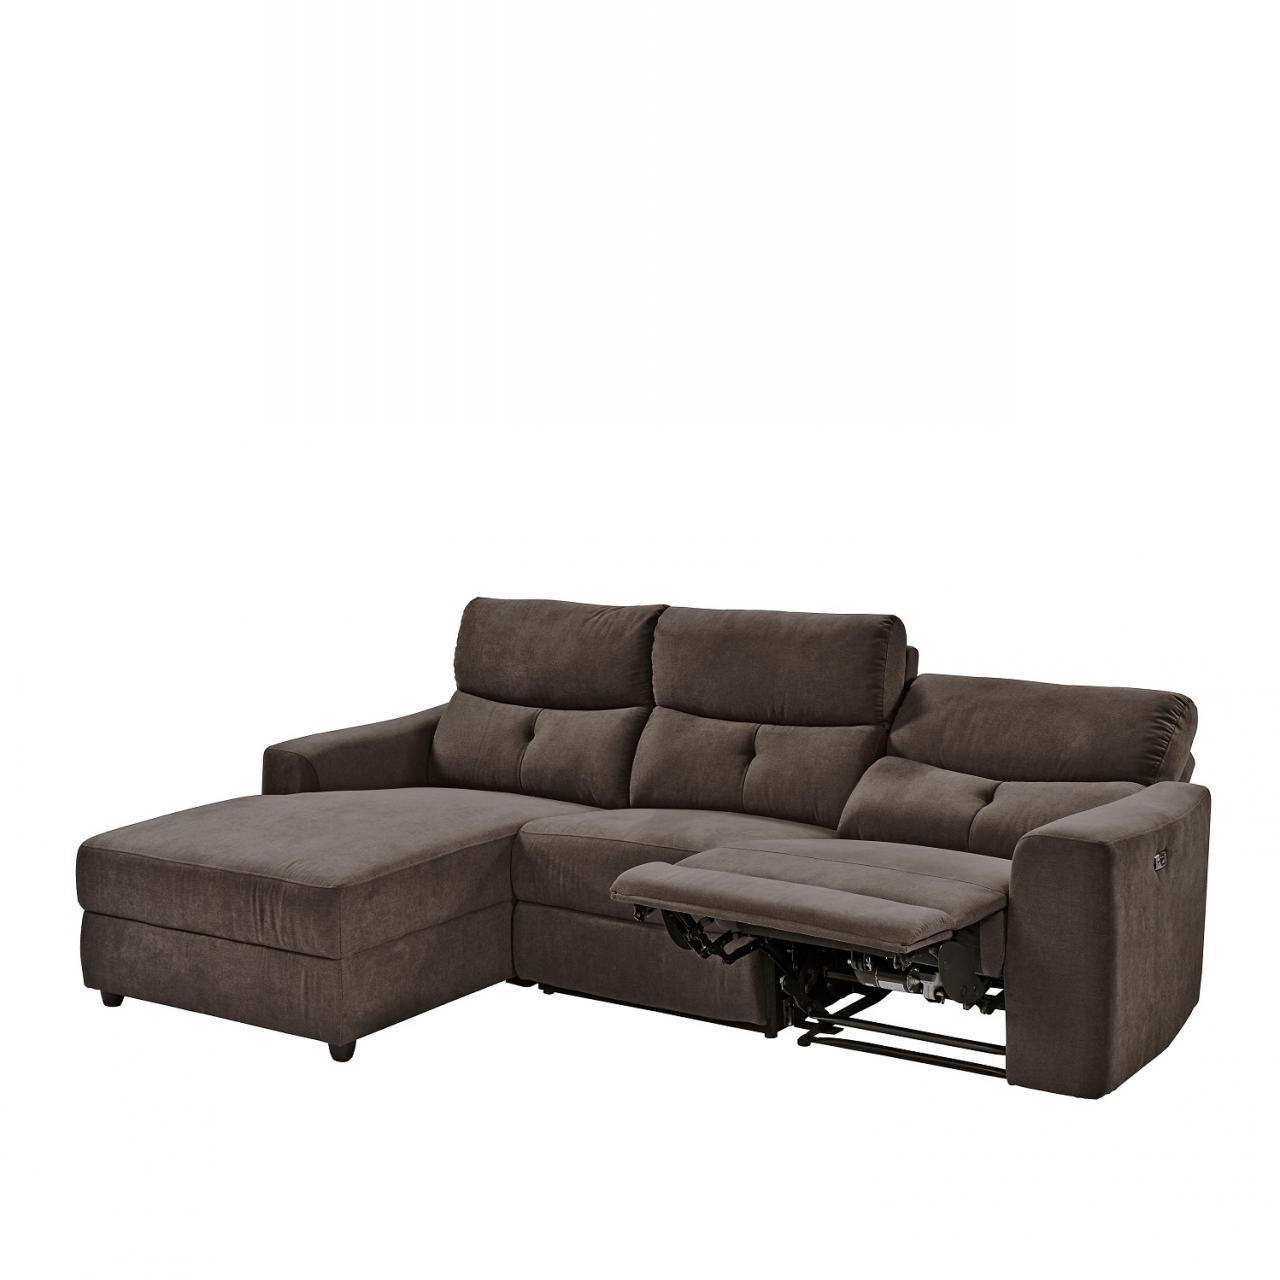 Sofa Fm 3022 Stoff Grau Mit Relaxfunktion Polstergarnitur Couch L Form Ecksofa Polstermobel Mobel Jahnichen Center Gmbh